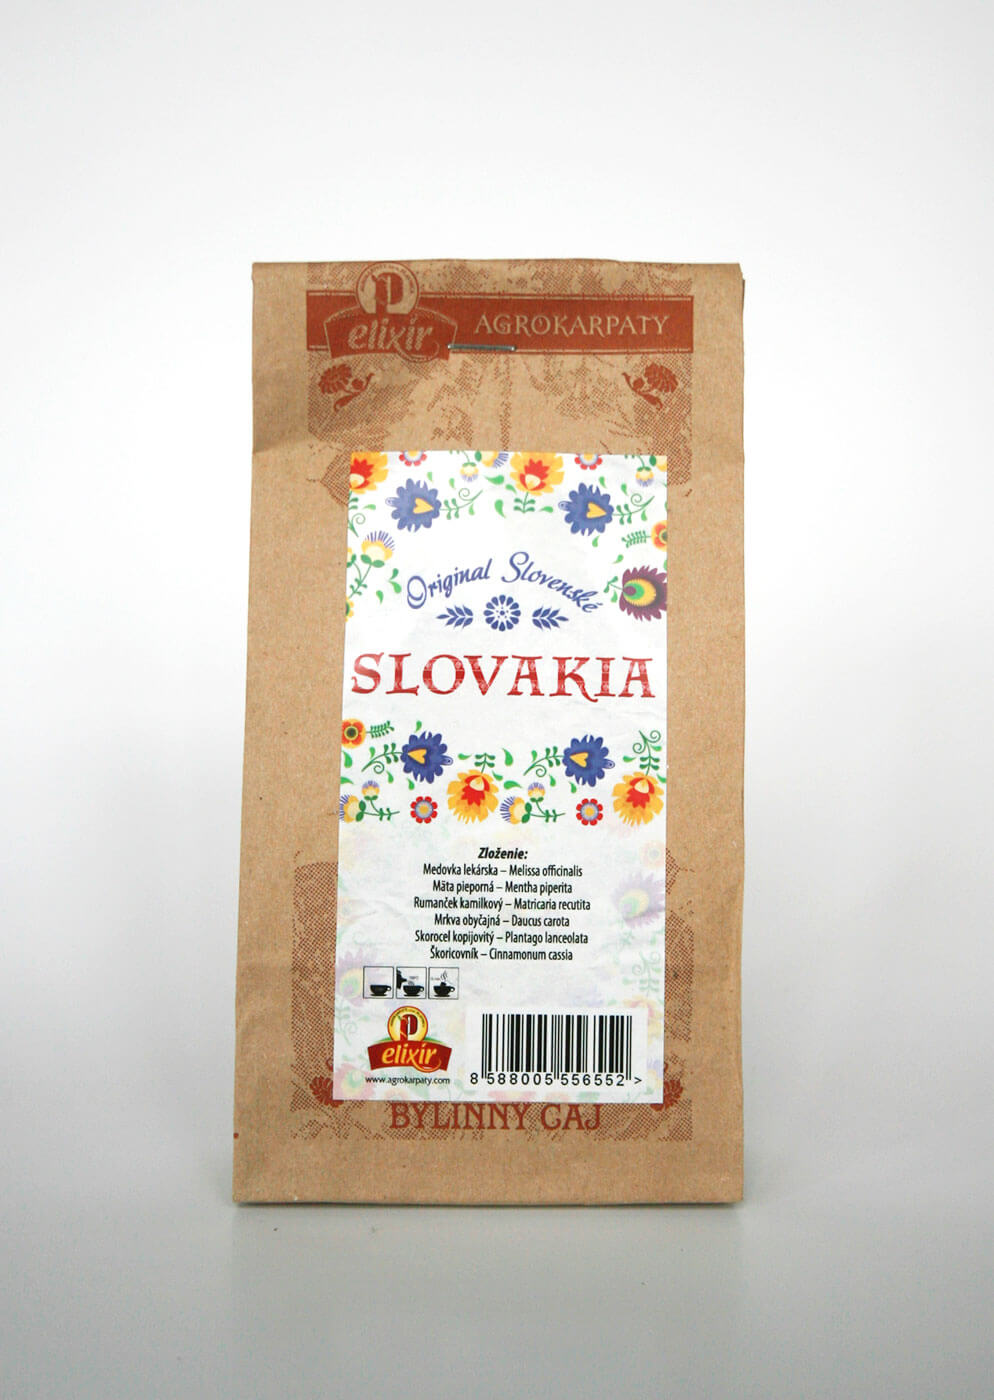 Agrokarpaty Slovakia sypaný čaj biely (50 g)